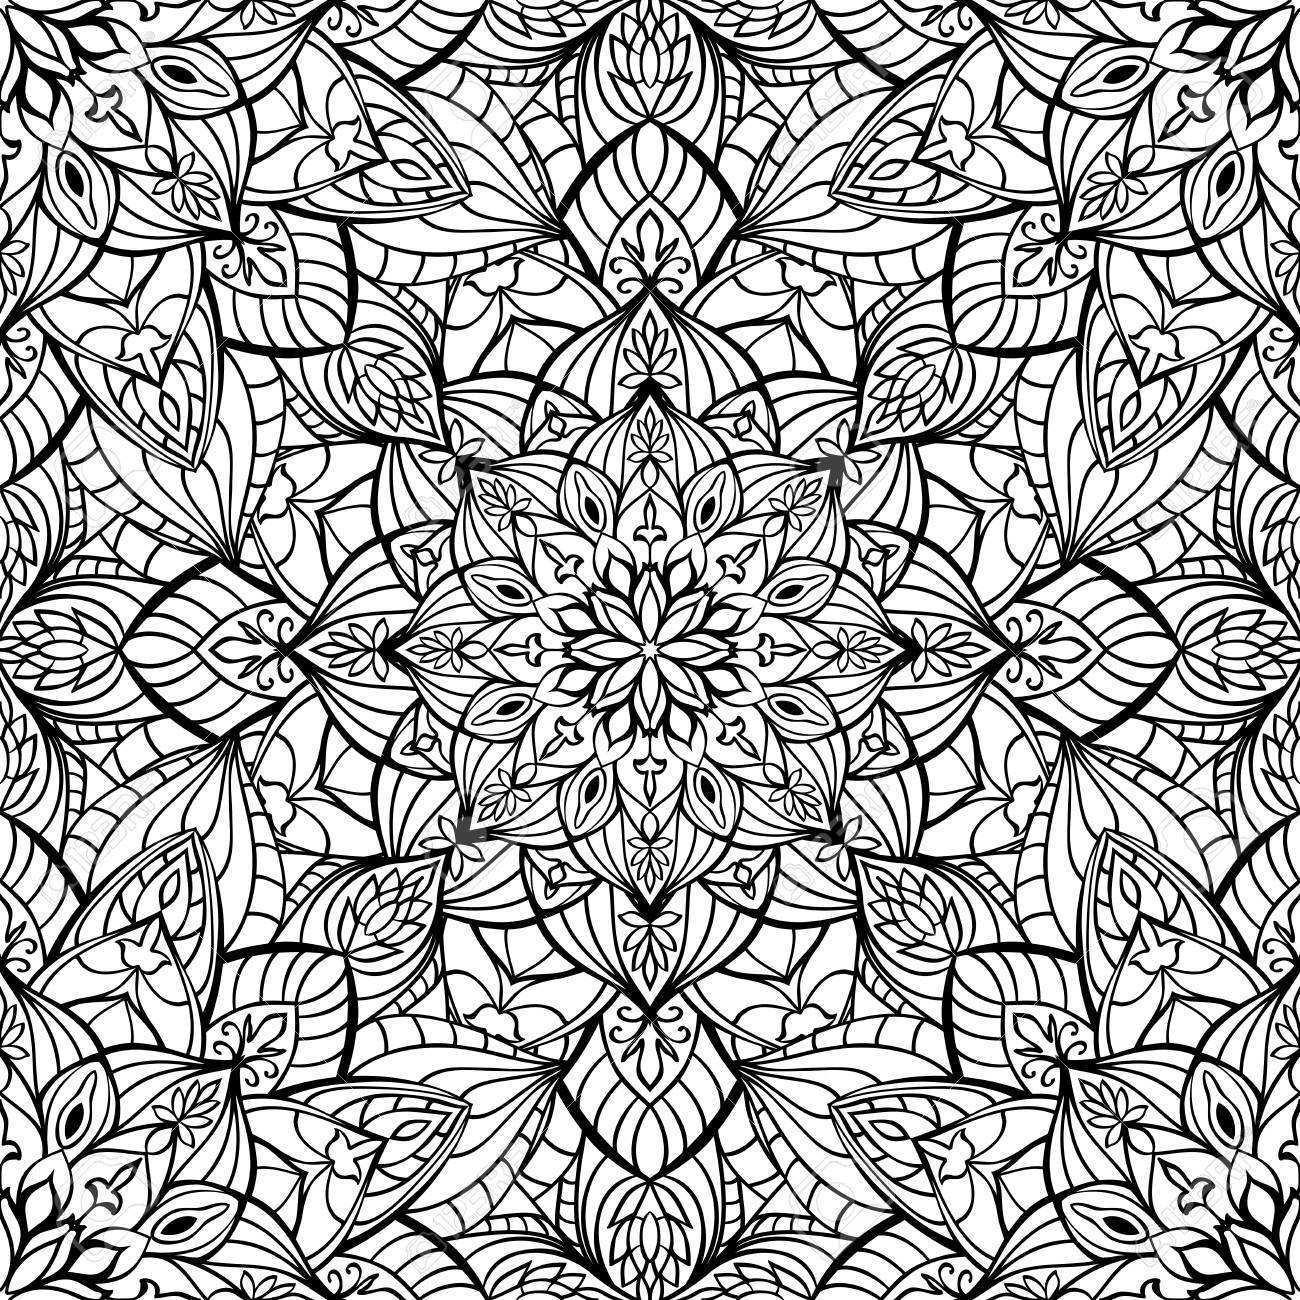 Nahtlose Orientalischen Mittelalterliche Ornament Vektor Muster Von Anmutigen Elementen Vorlage Fur Die Oberflache Lizenzfrei Nutzbare Vektorgrafiken Clip Arts Illustrationen Image 44661979